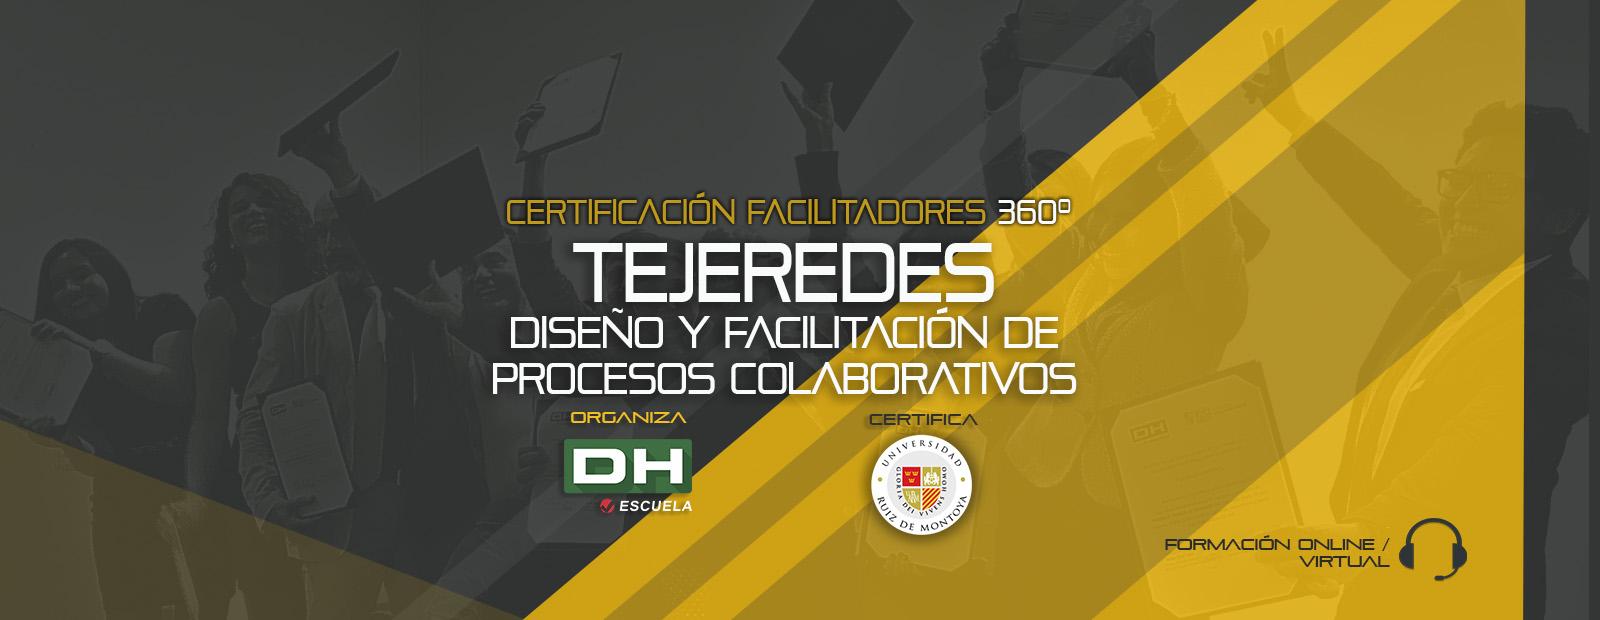 Módulo 05. TEJEREDES. Diseño y Facilitación de Procesos Colaborativos